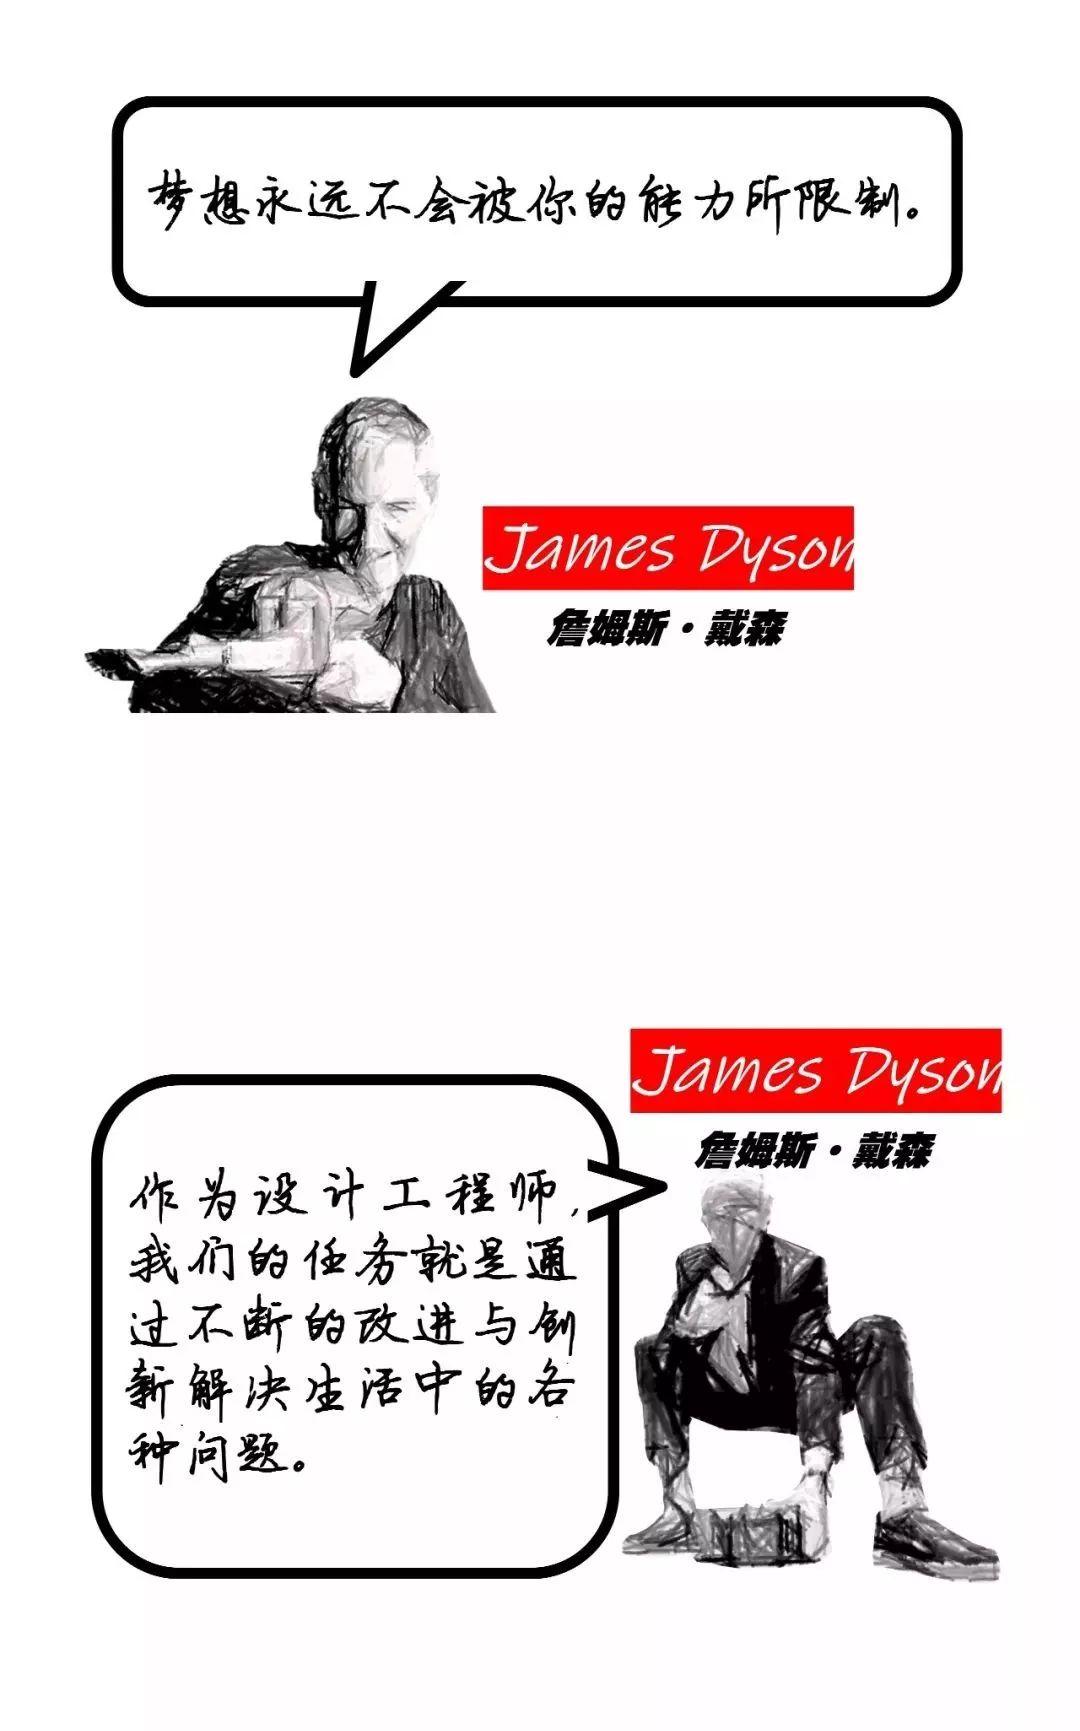 """戴森卷发棒刷屏,""""英国设计之王""""詹姆斯·戴森了解一下"""